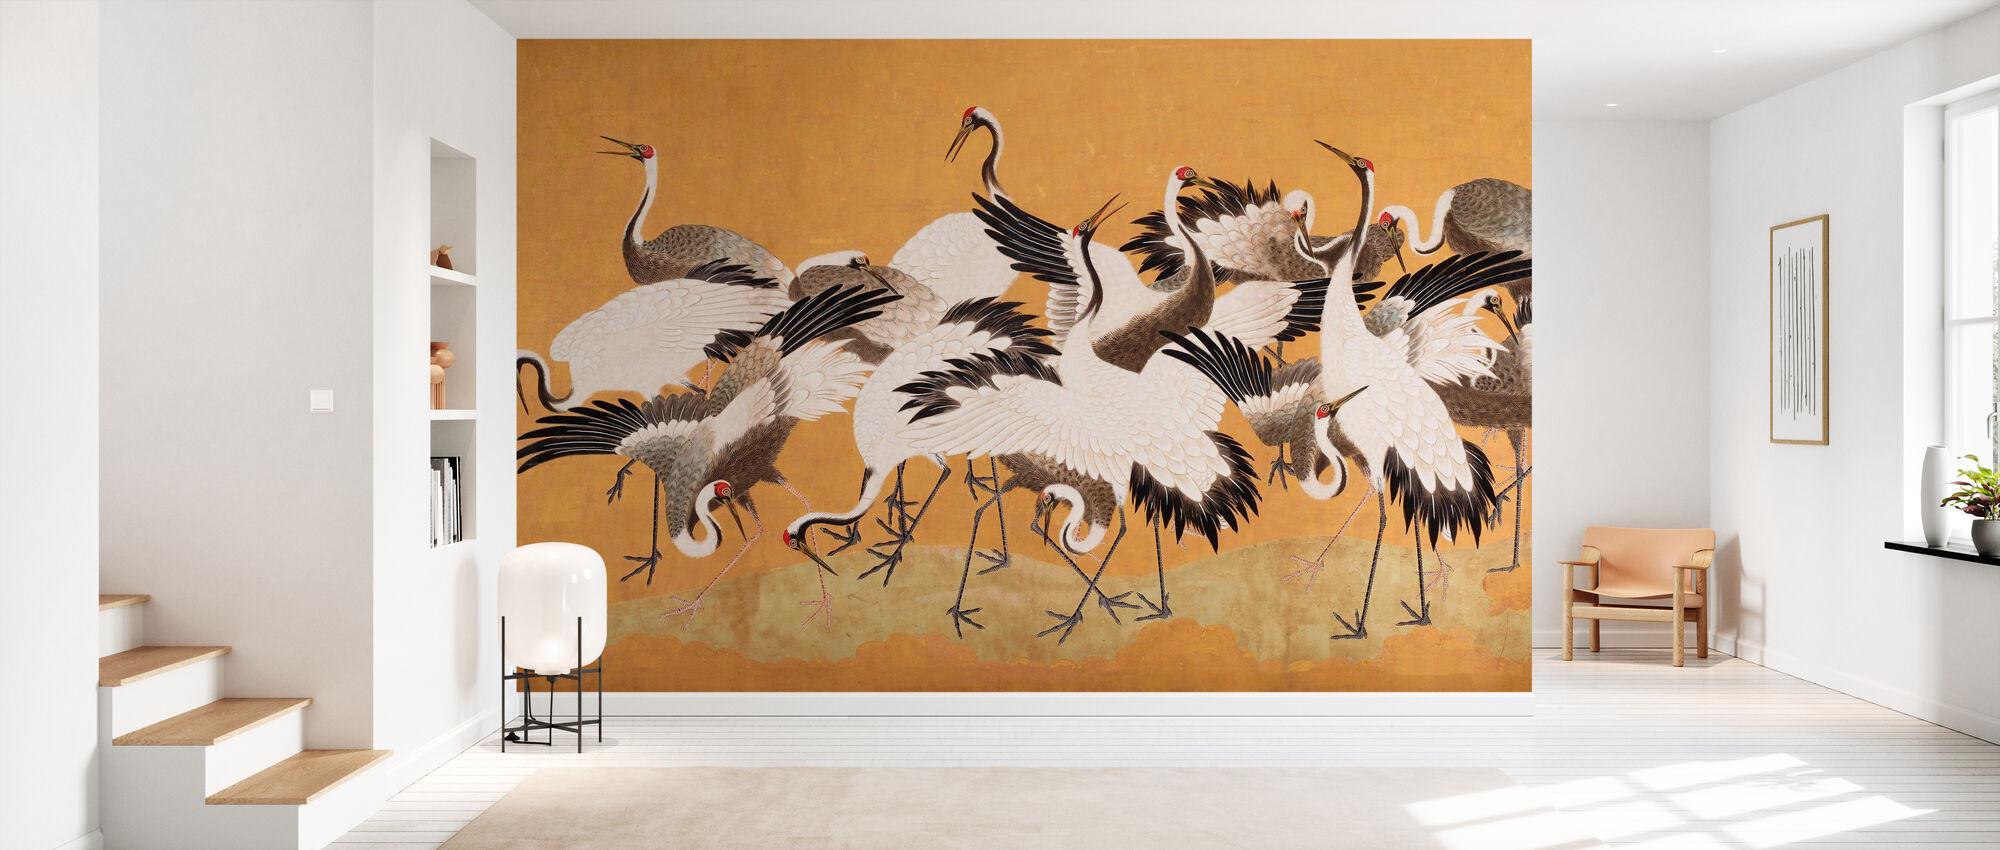 Crane Birds - Wallpaper - Hallway